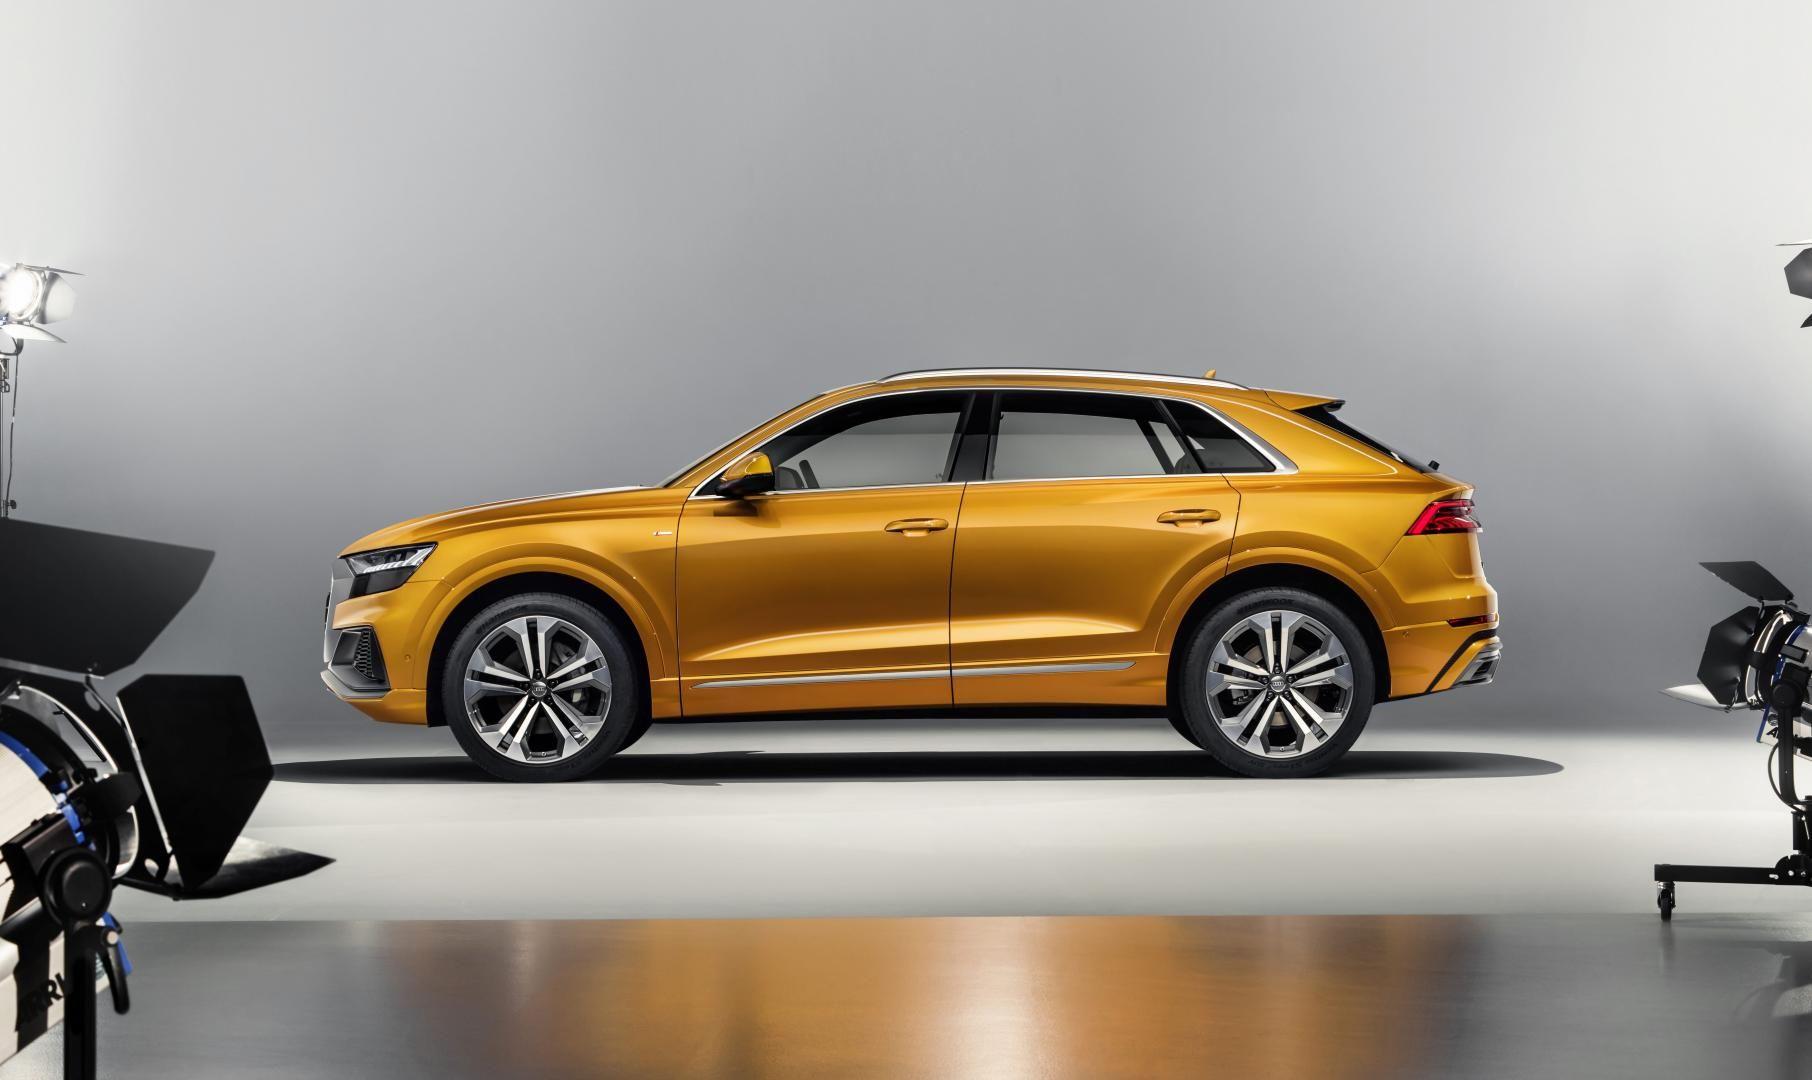 Dit Is De Gloednieuwe Audi Q8 Vanuit Alle Hoeken Audi